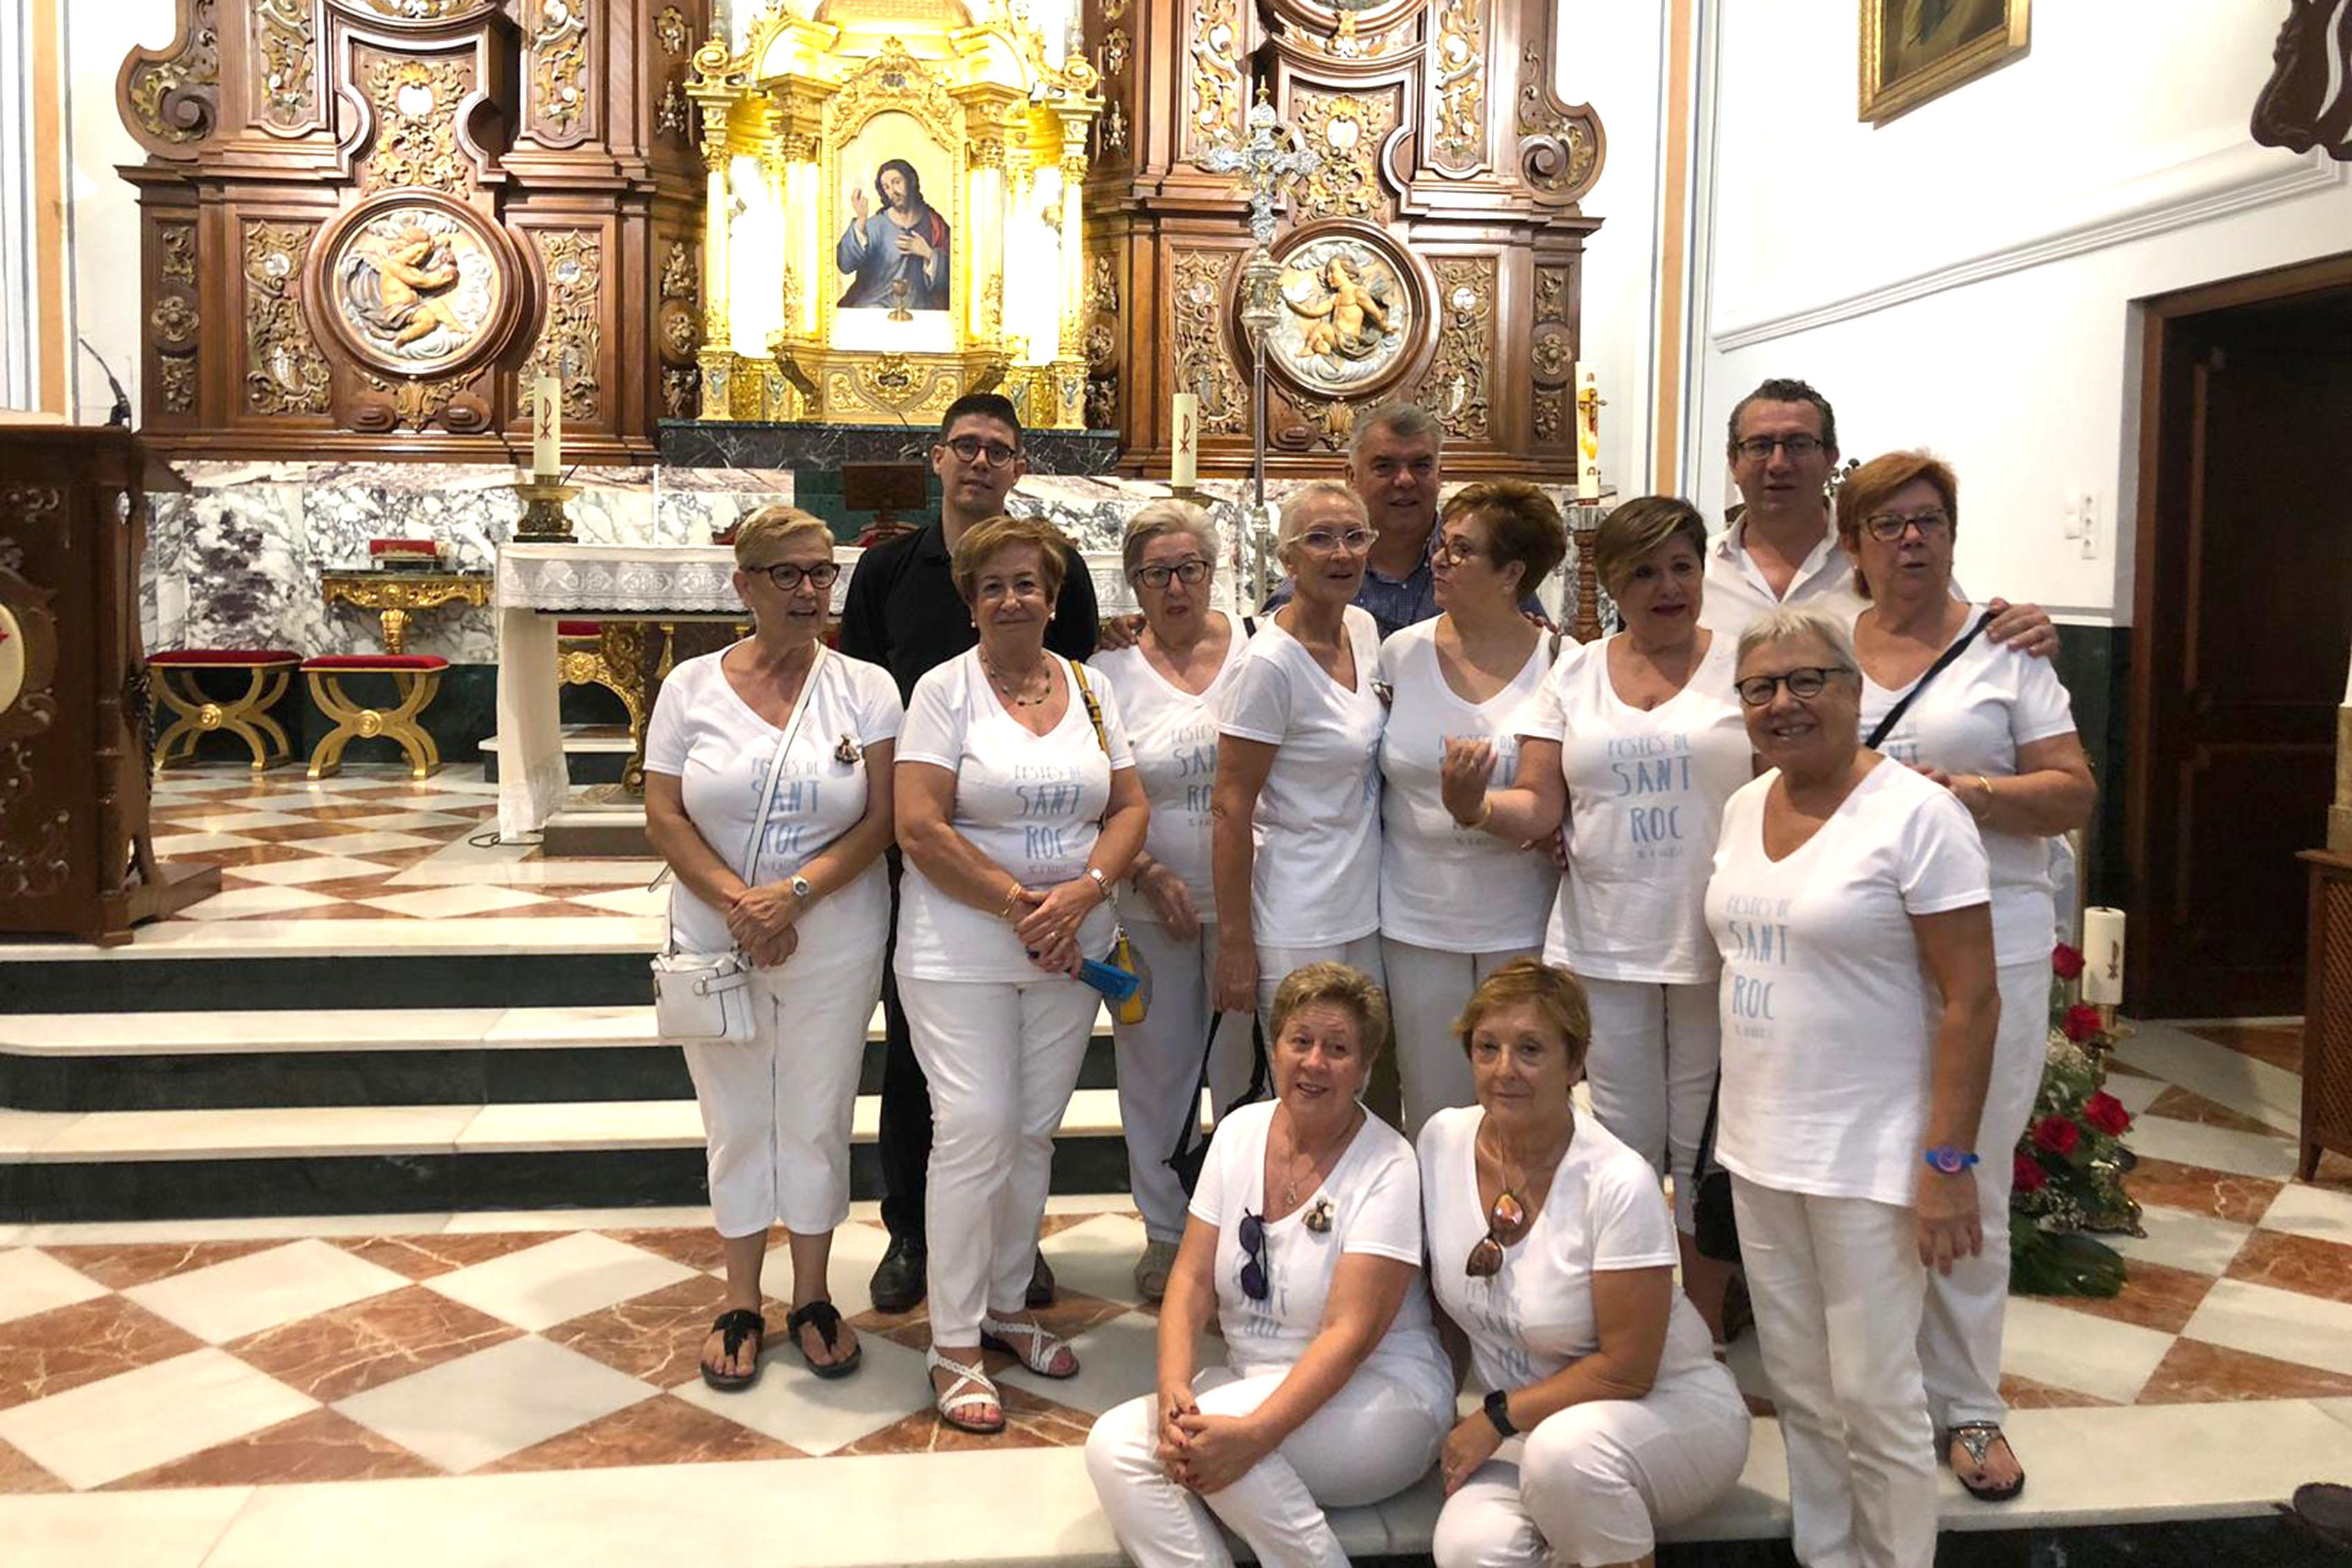 FIESTAS.- La Festa de Sant Roc de Benidorm cumple 22 años